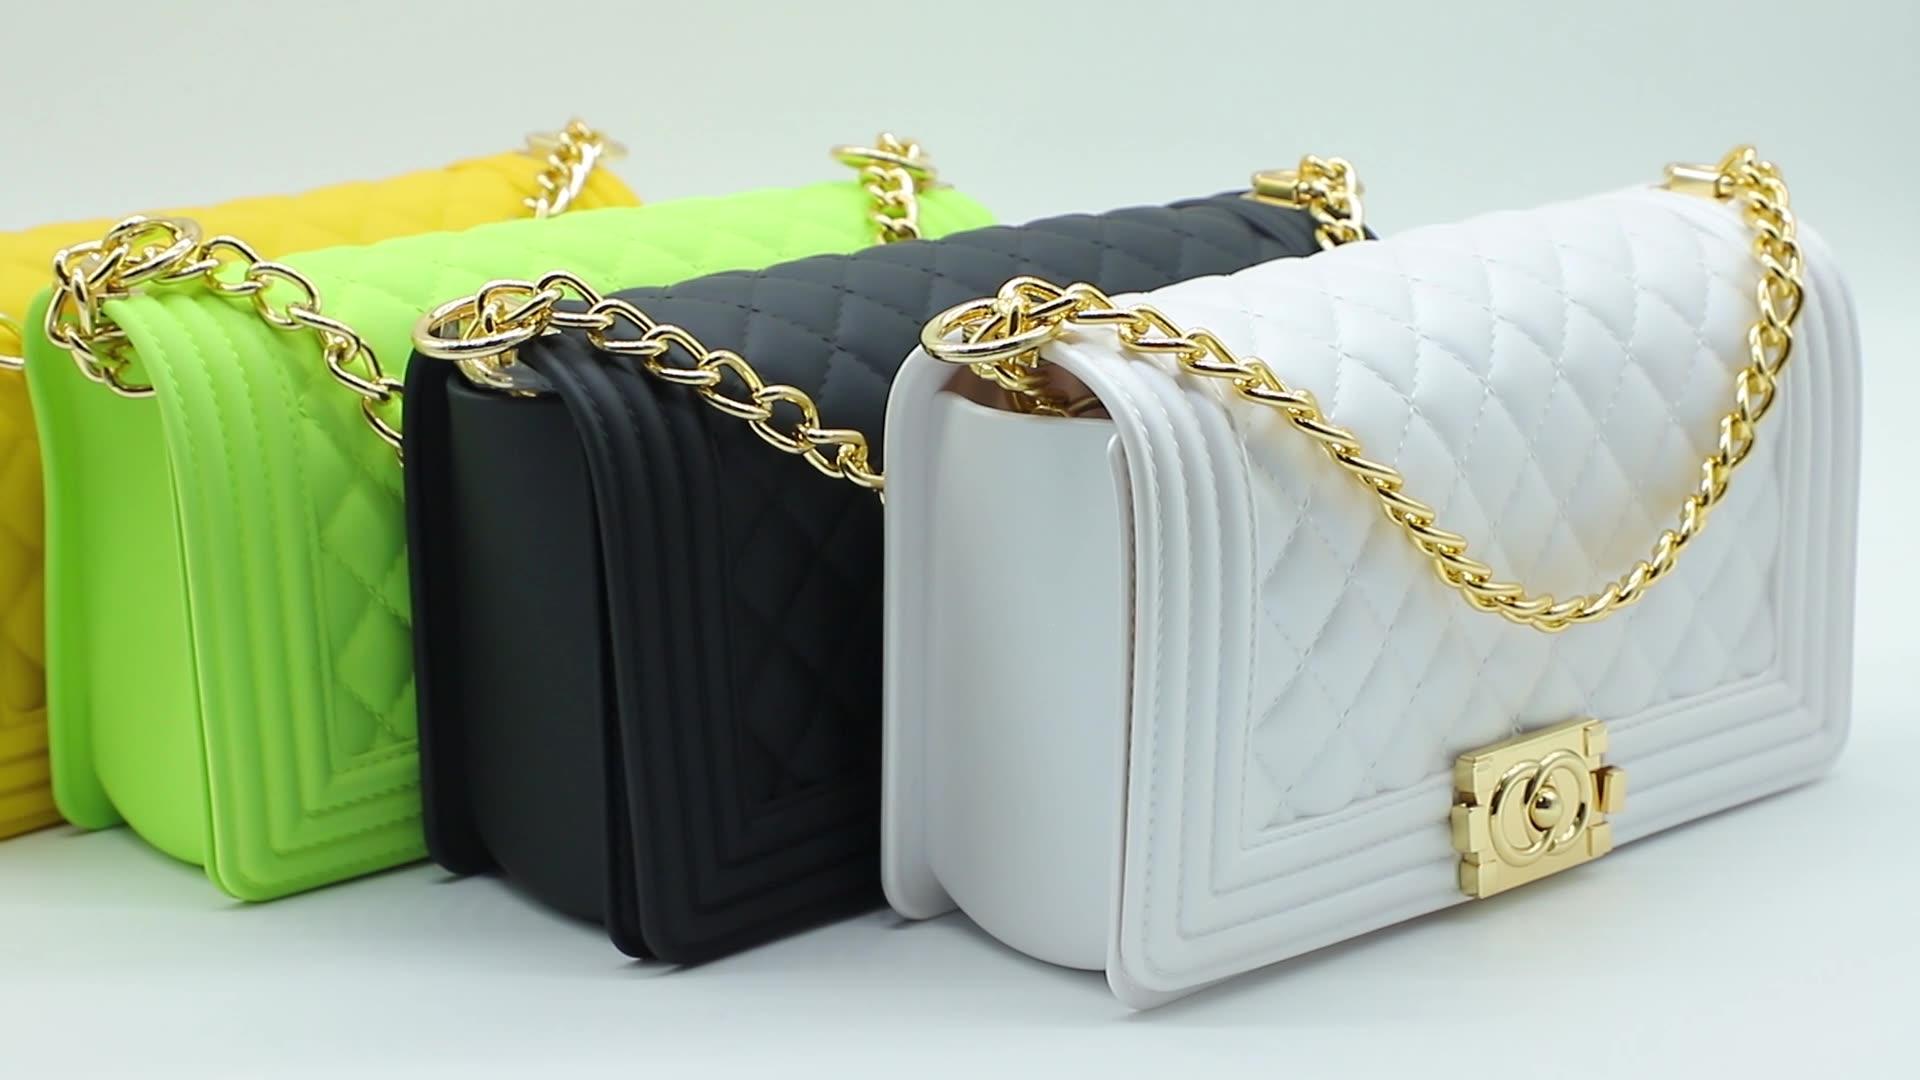 ג 'לי ארנק 2020 חדש כניסות גואנגזו מפעל סיטונאי אופנה גבירותיי pvc ג' לי ארנקים ותיקים